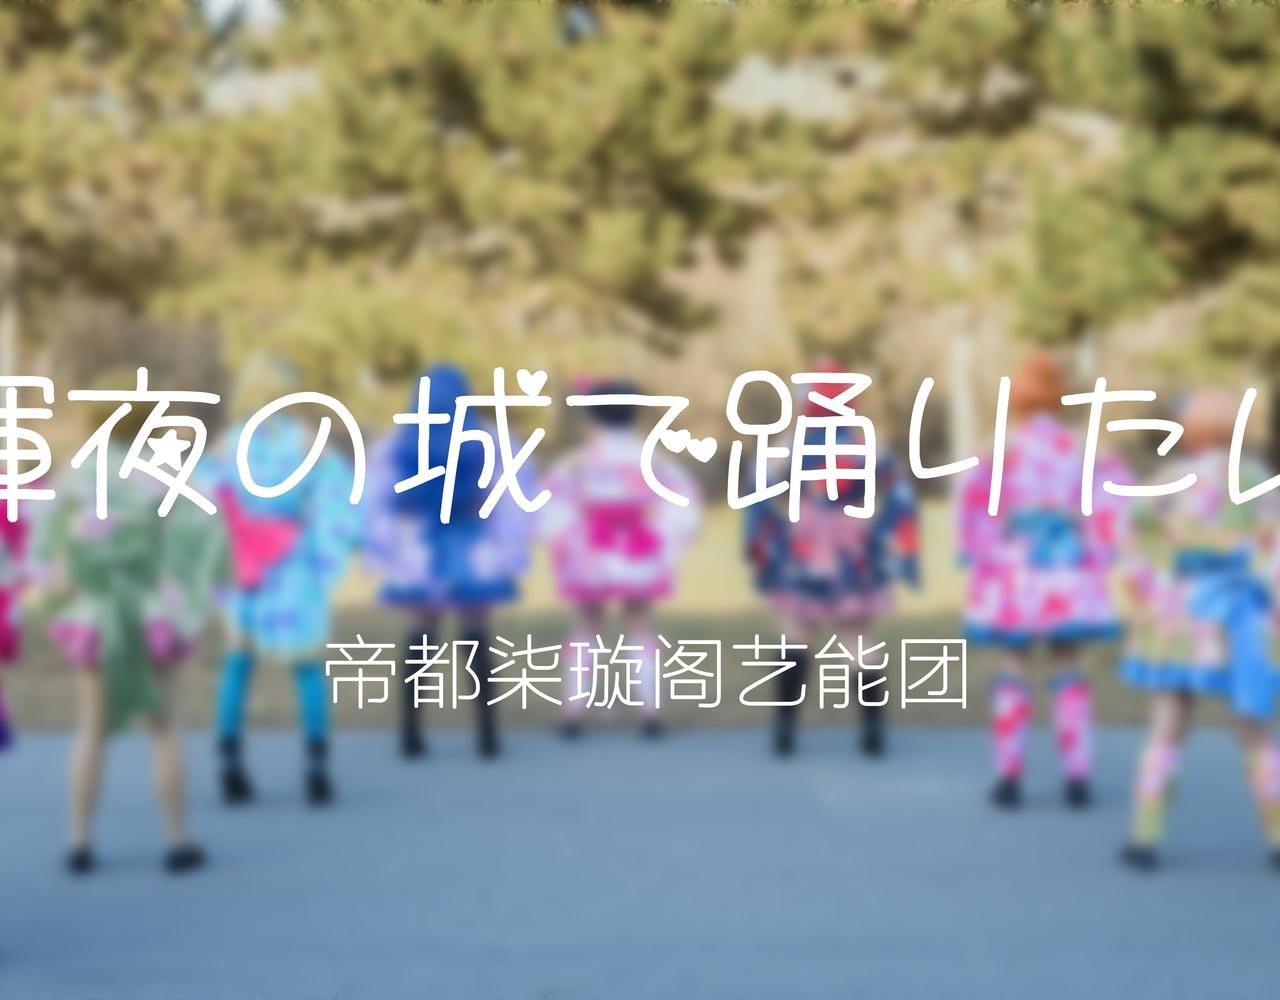 【柒璇阁艺能团】想在辉夜城起舞【初投稿】